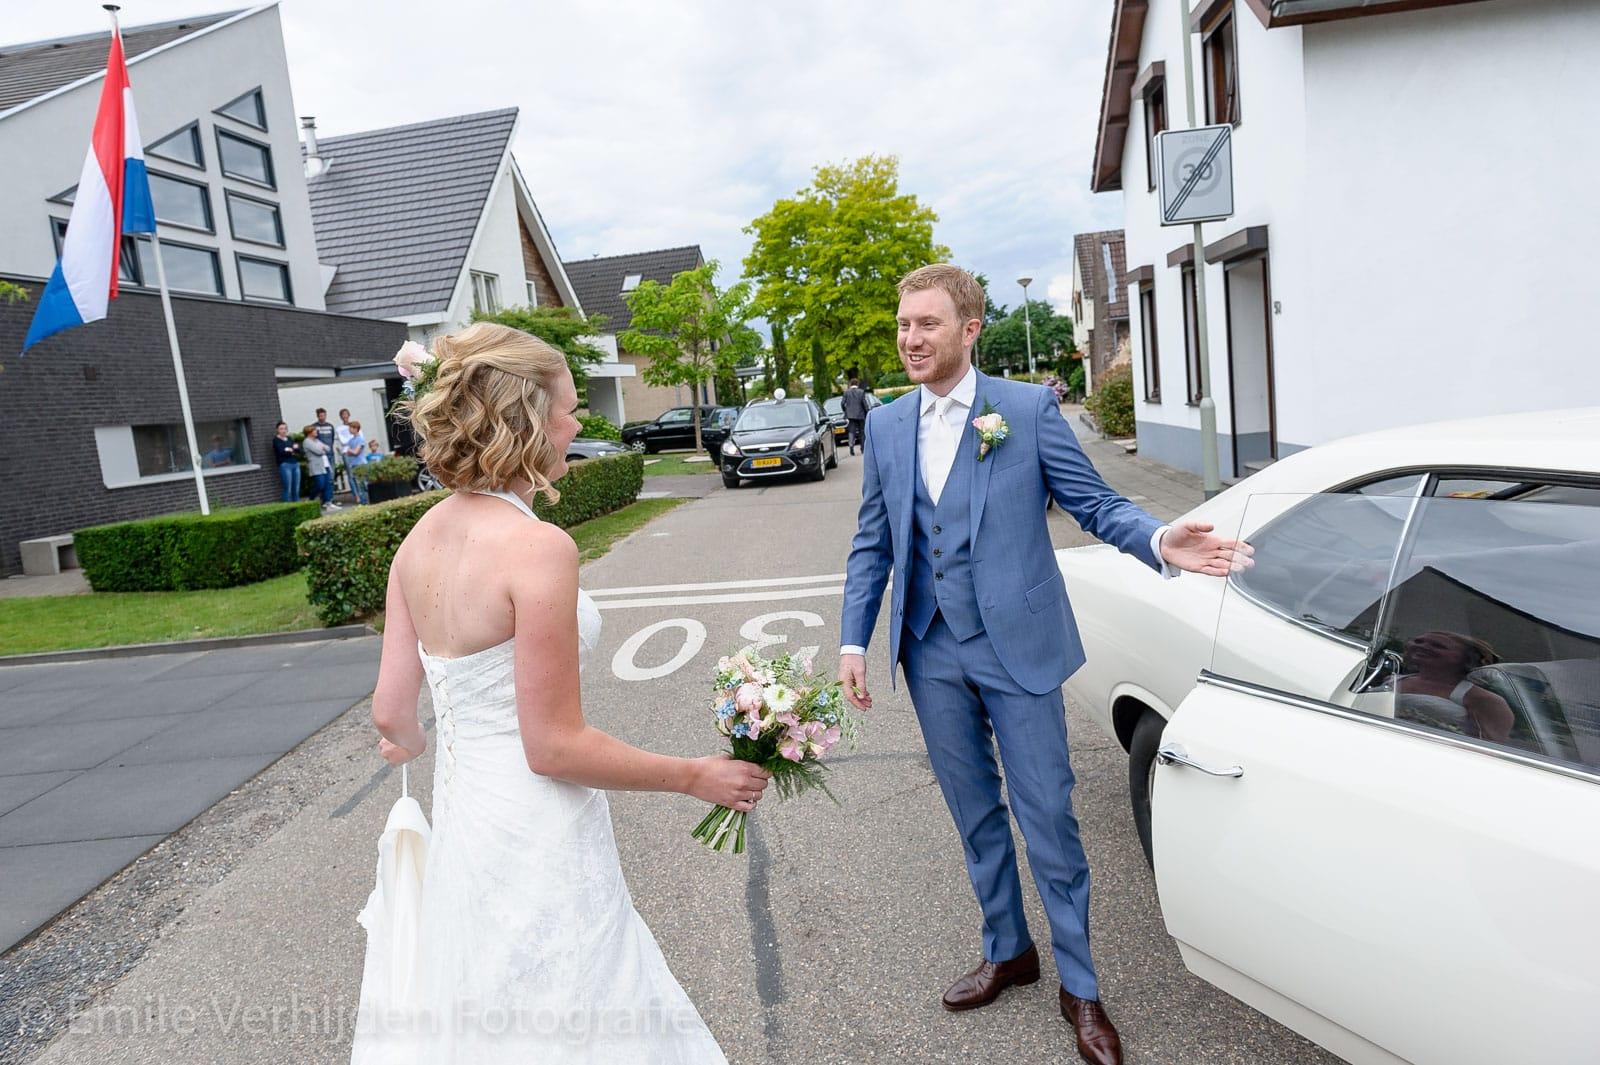 Vertrek met de Opel oldtimer trouwauto naar het kasteel trouwfotograaf Kasteel Elsloo